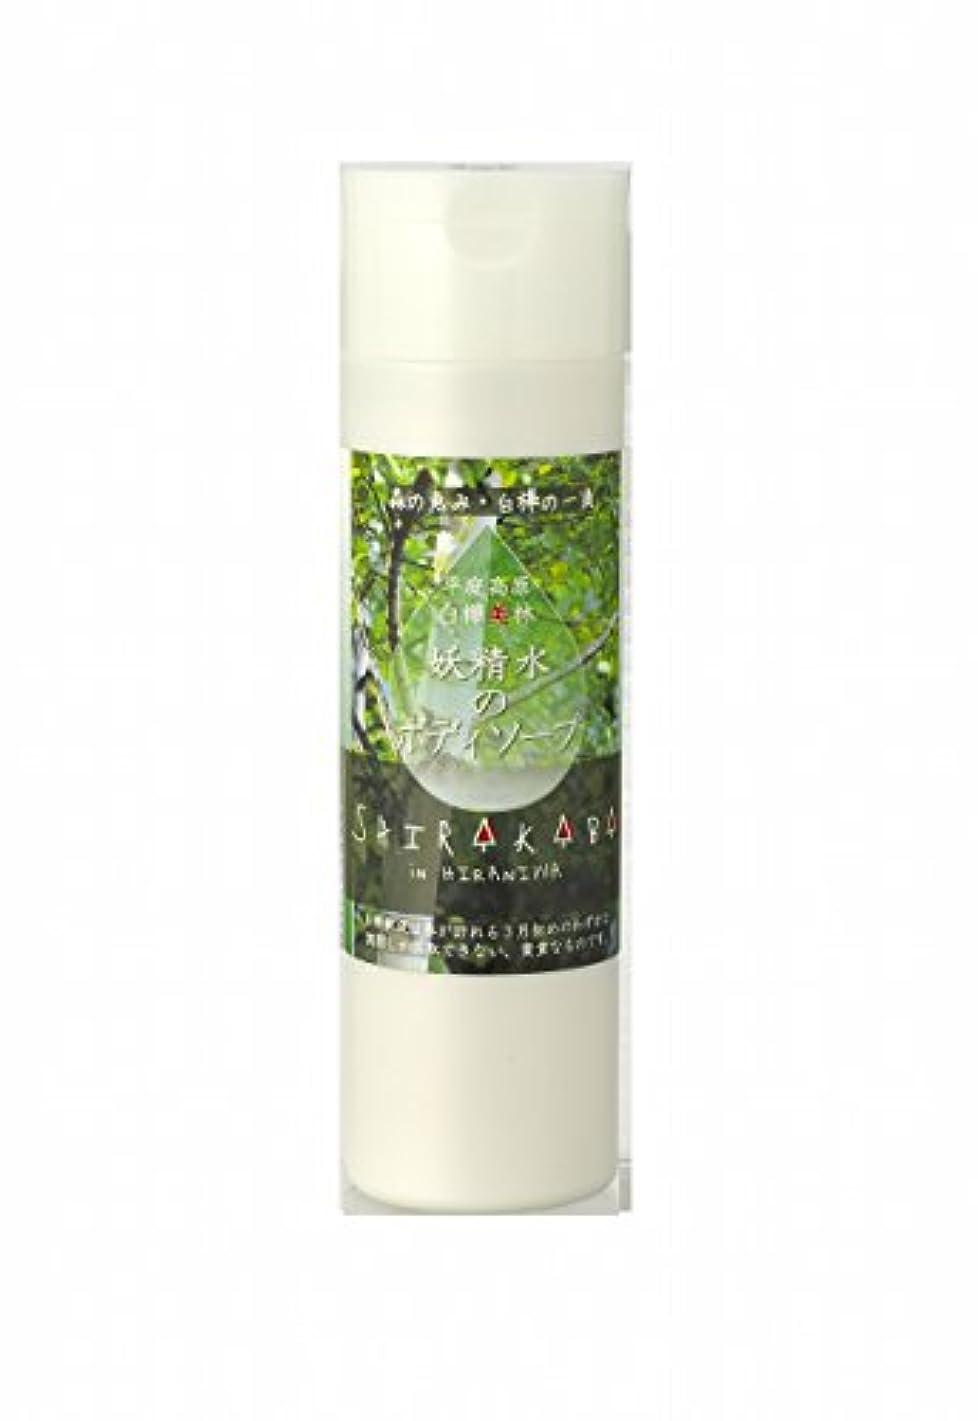 舞い上がる方向特定の平庭高原白樺美林 妖精水のボディソープ 天然成分 [美肌?保湿] 復興支援